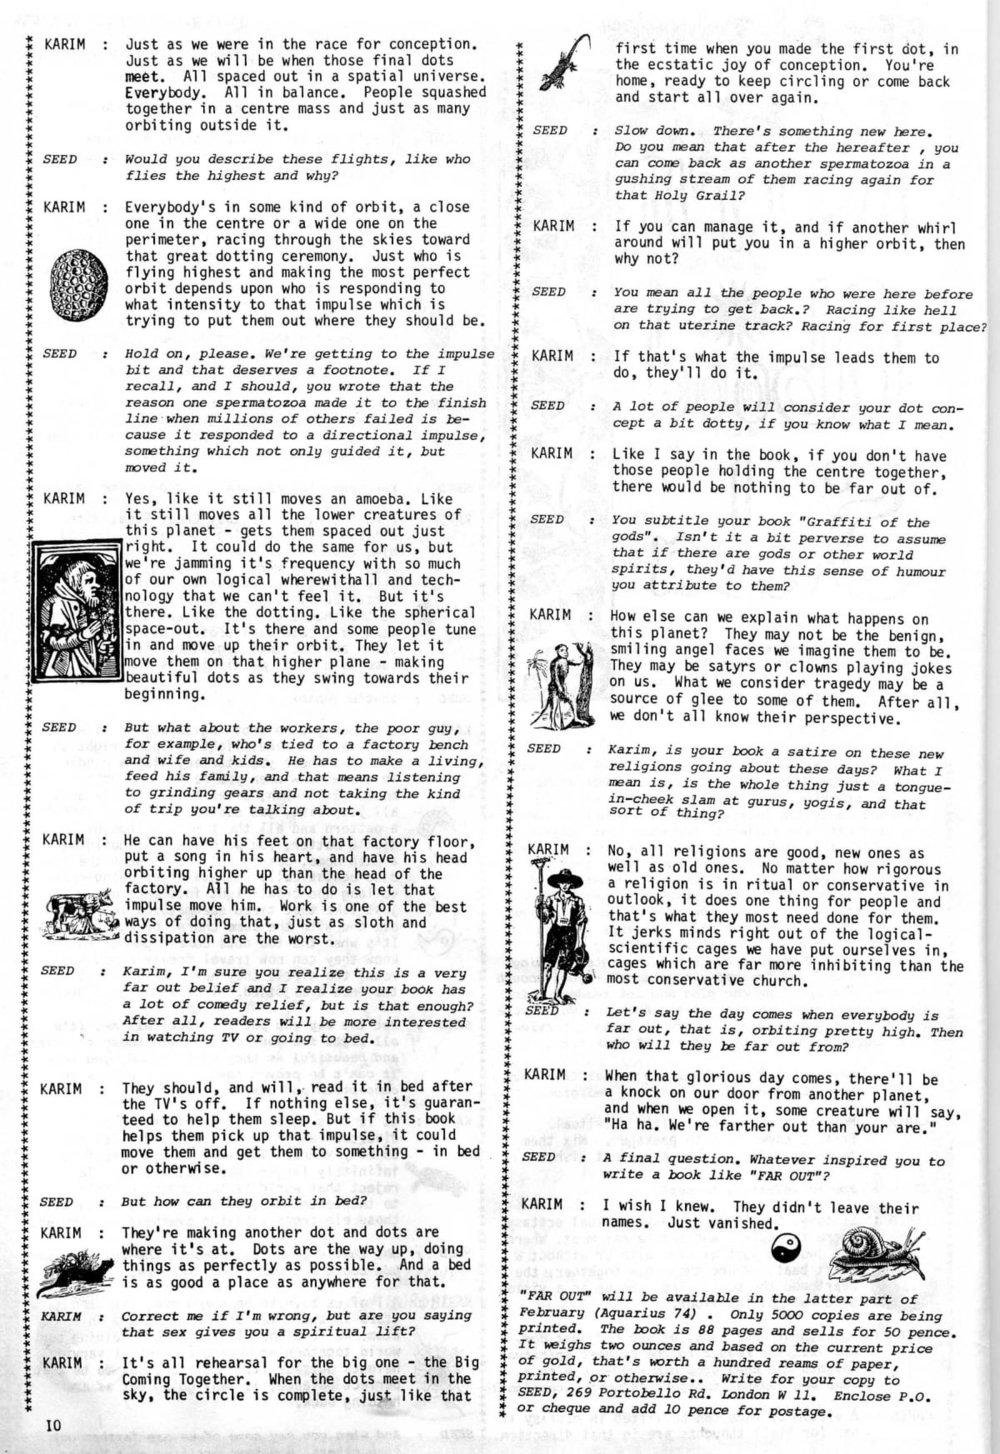 seed-v3-n2-feb1974-10.jpg